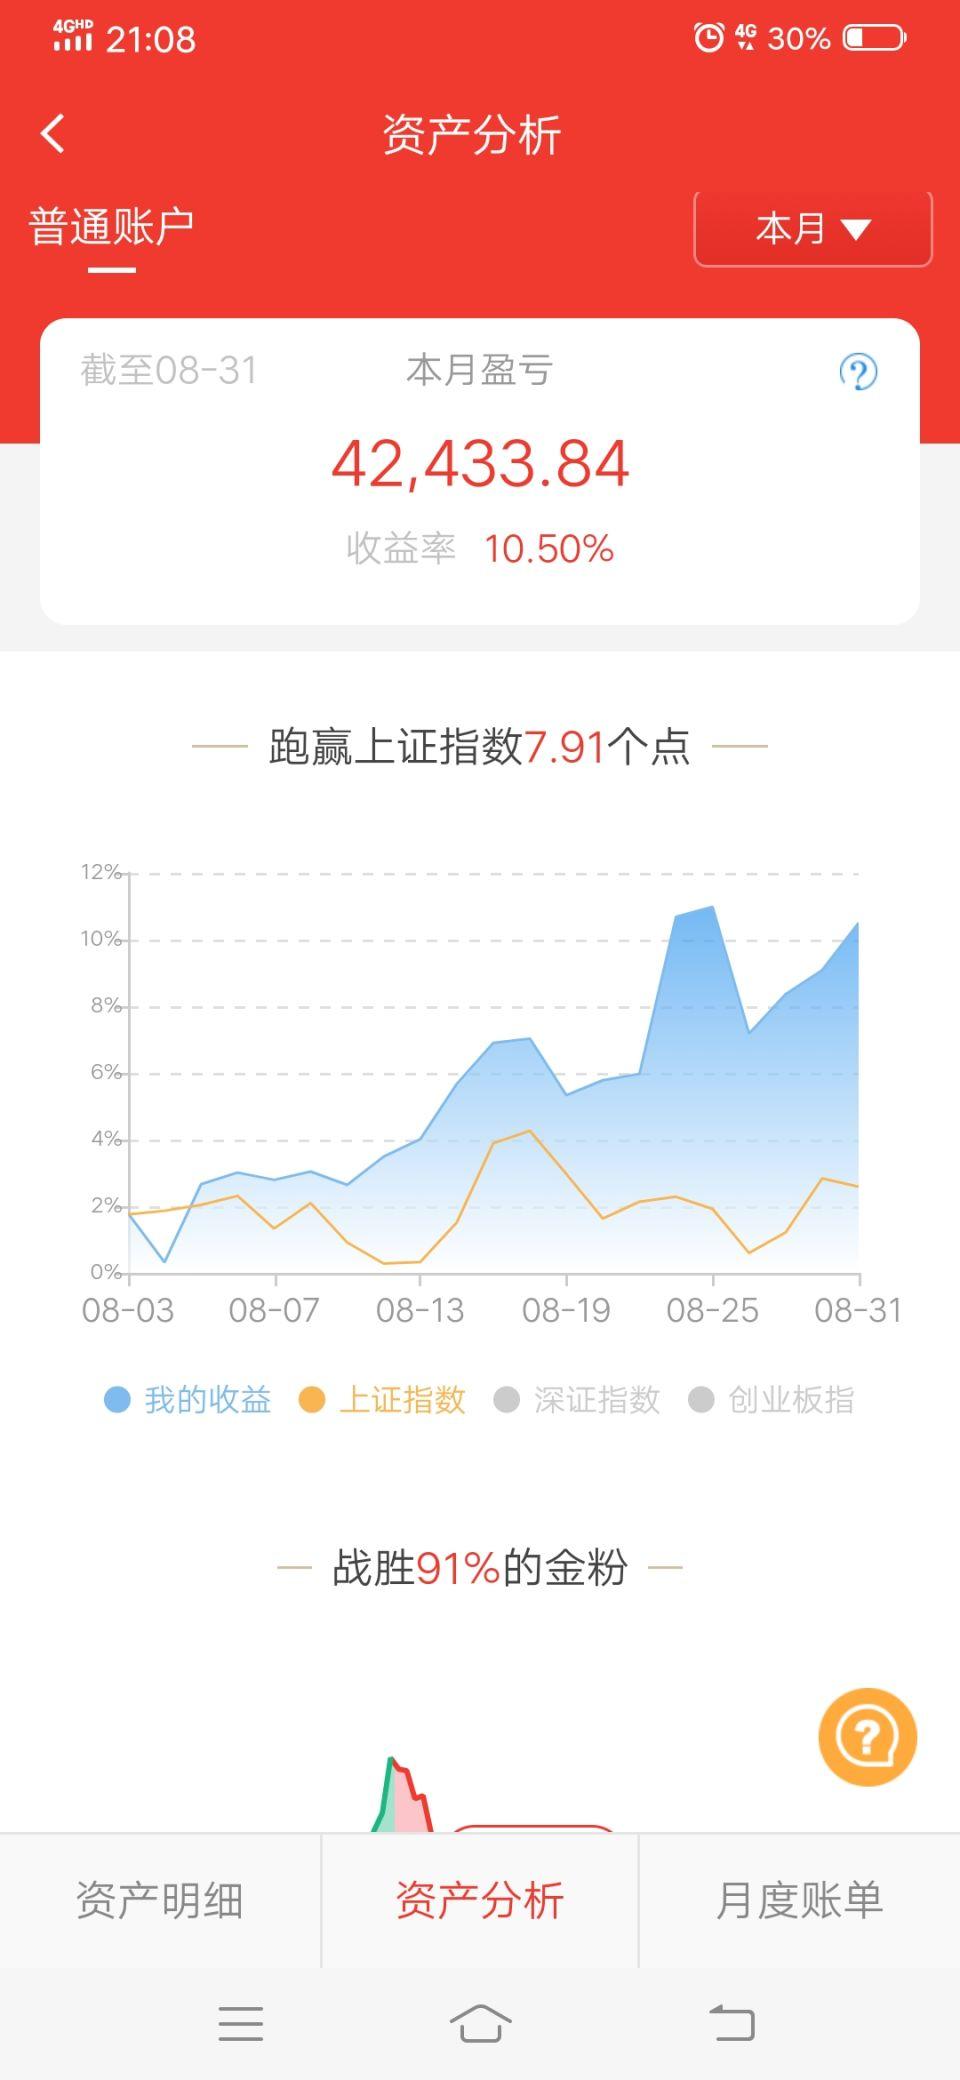 Screenshot_20200901_210853.jpg